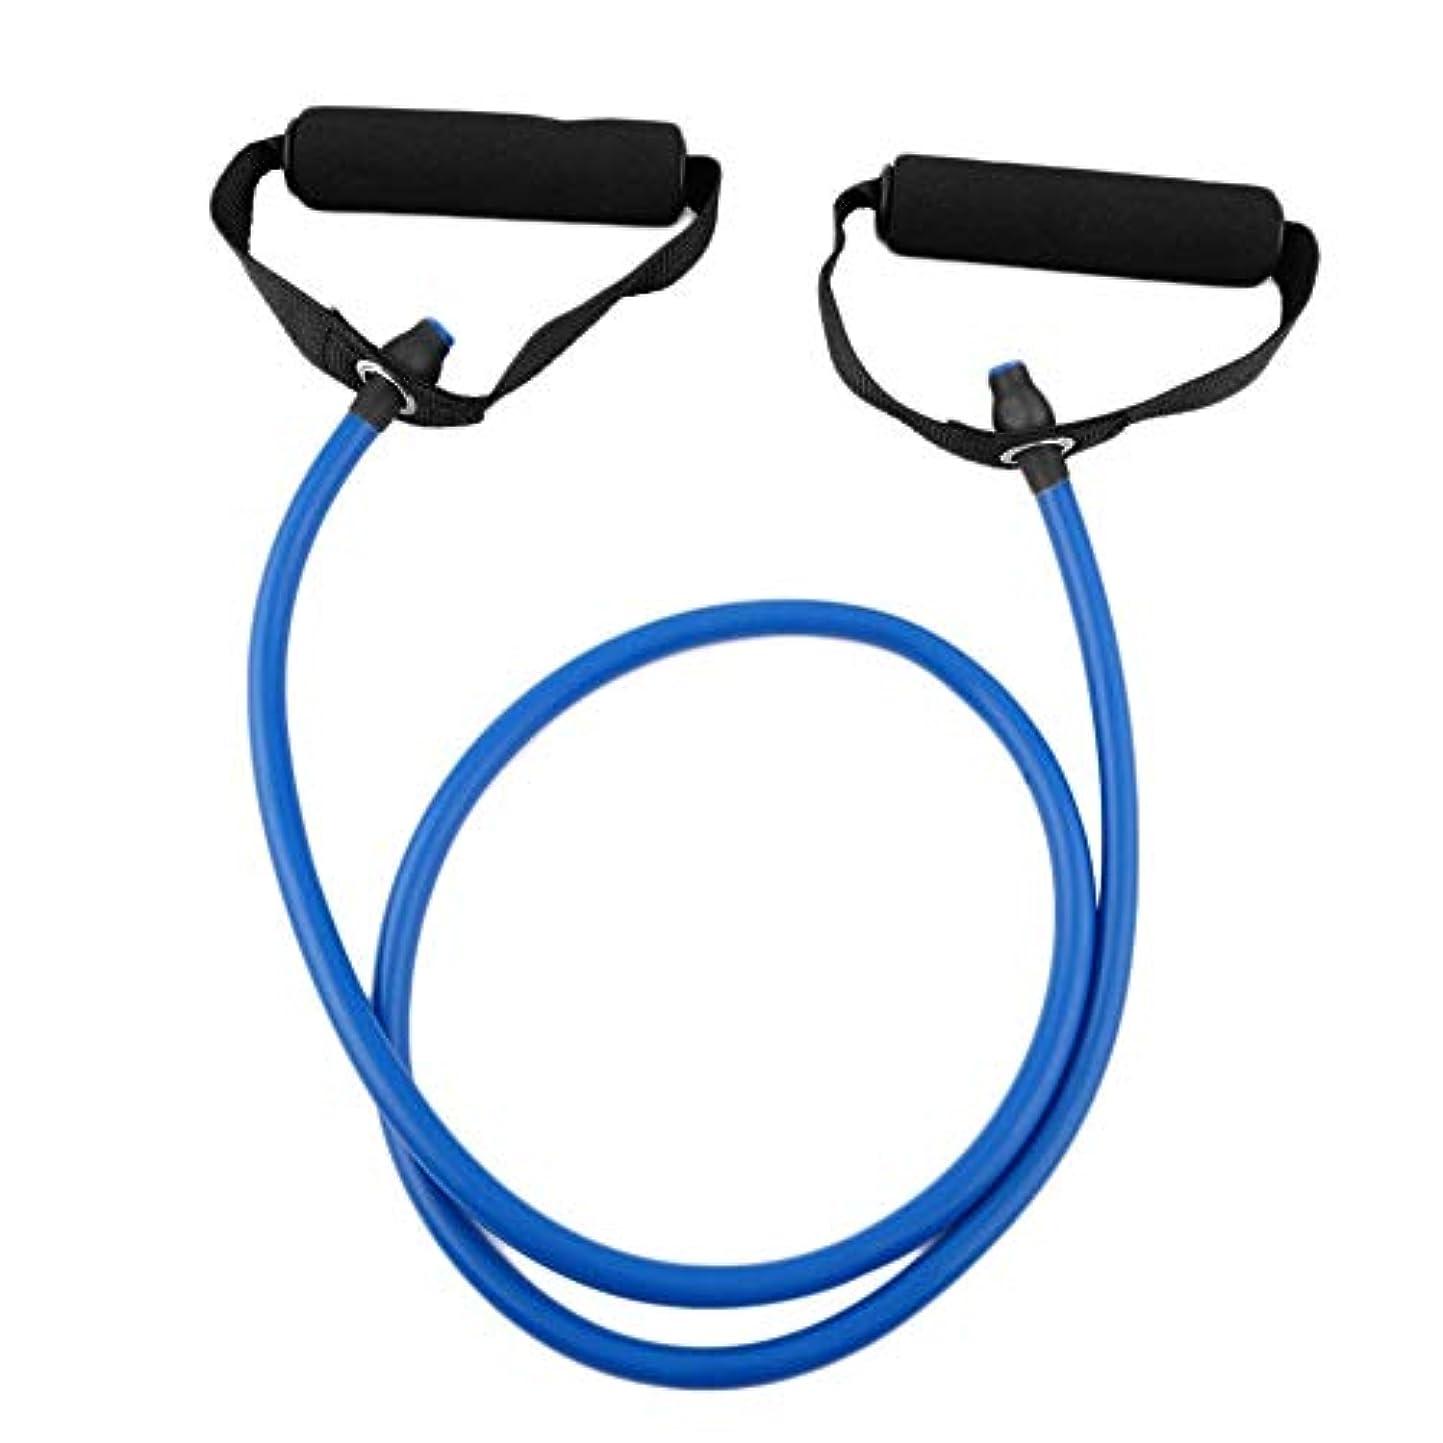 自動車最大限アフリカフィットネス抵抗バンドロープチューブ弾性運動用ヨガピラティスワークアウトホームスポーツプルロープジムエクササイズツール(Color:blue)